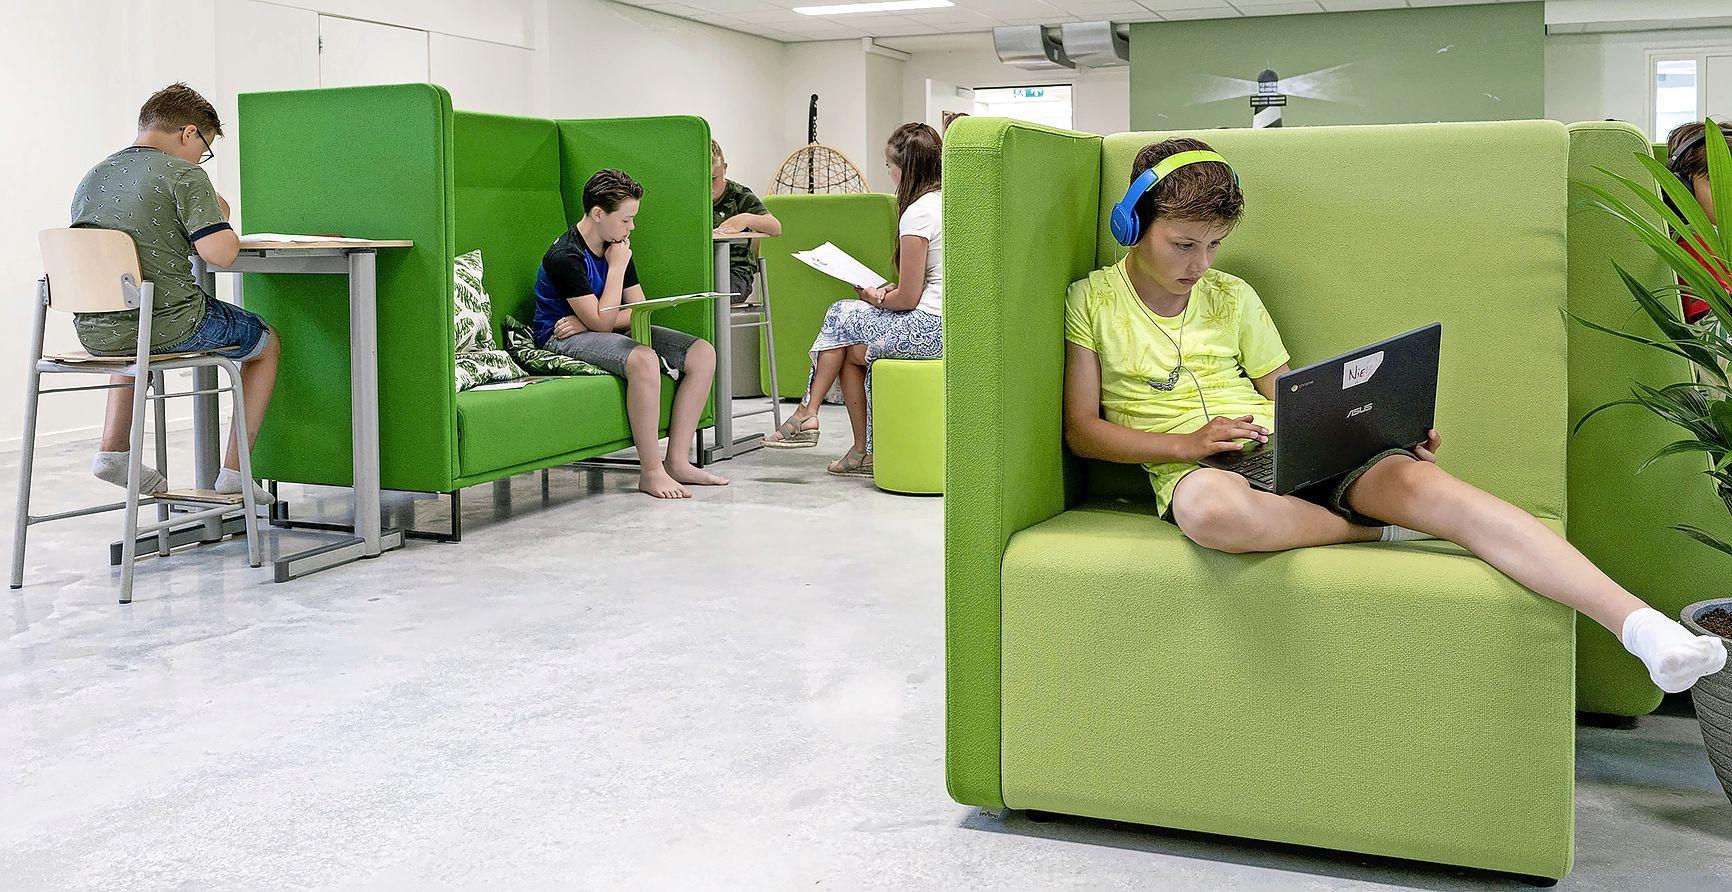 Fietsen achter je bureautje, met je laptop in de schommelstoel of leren op een balance board. Dorpsschool start met vernieuwend leerplein in een oude loods